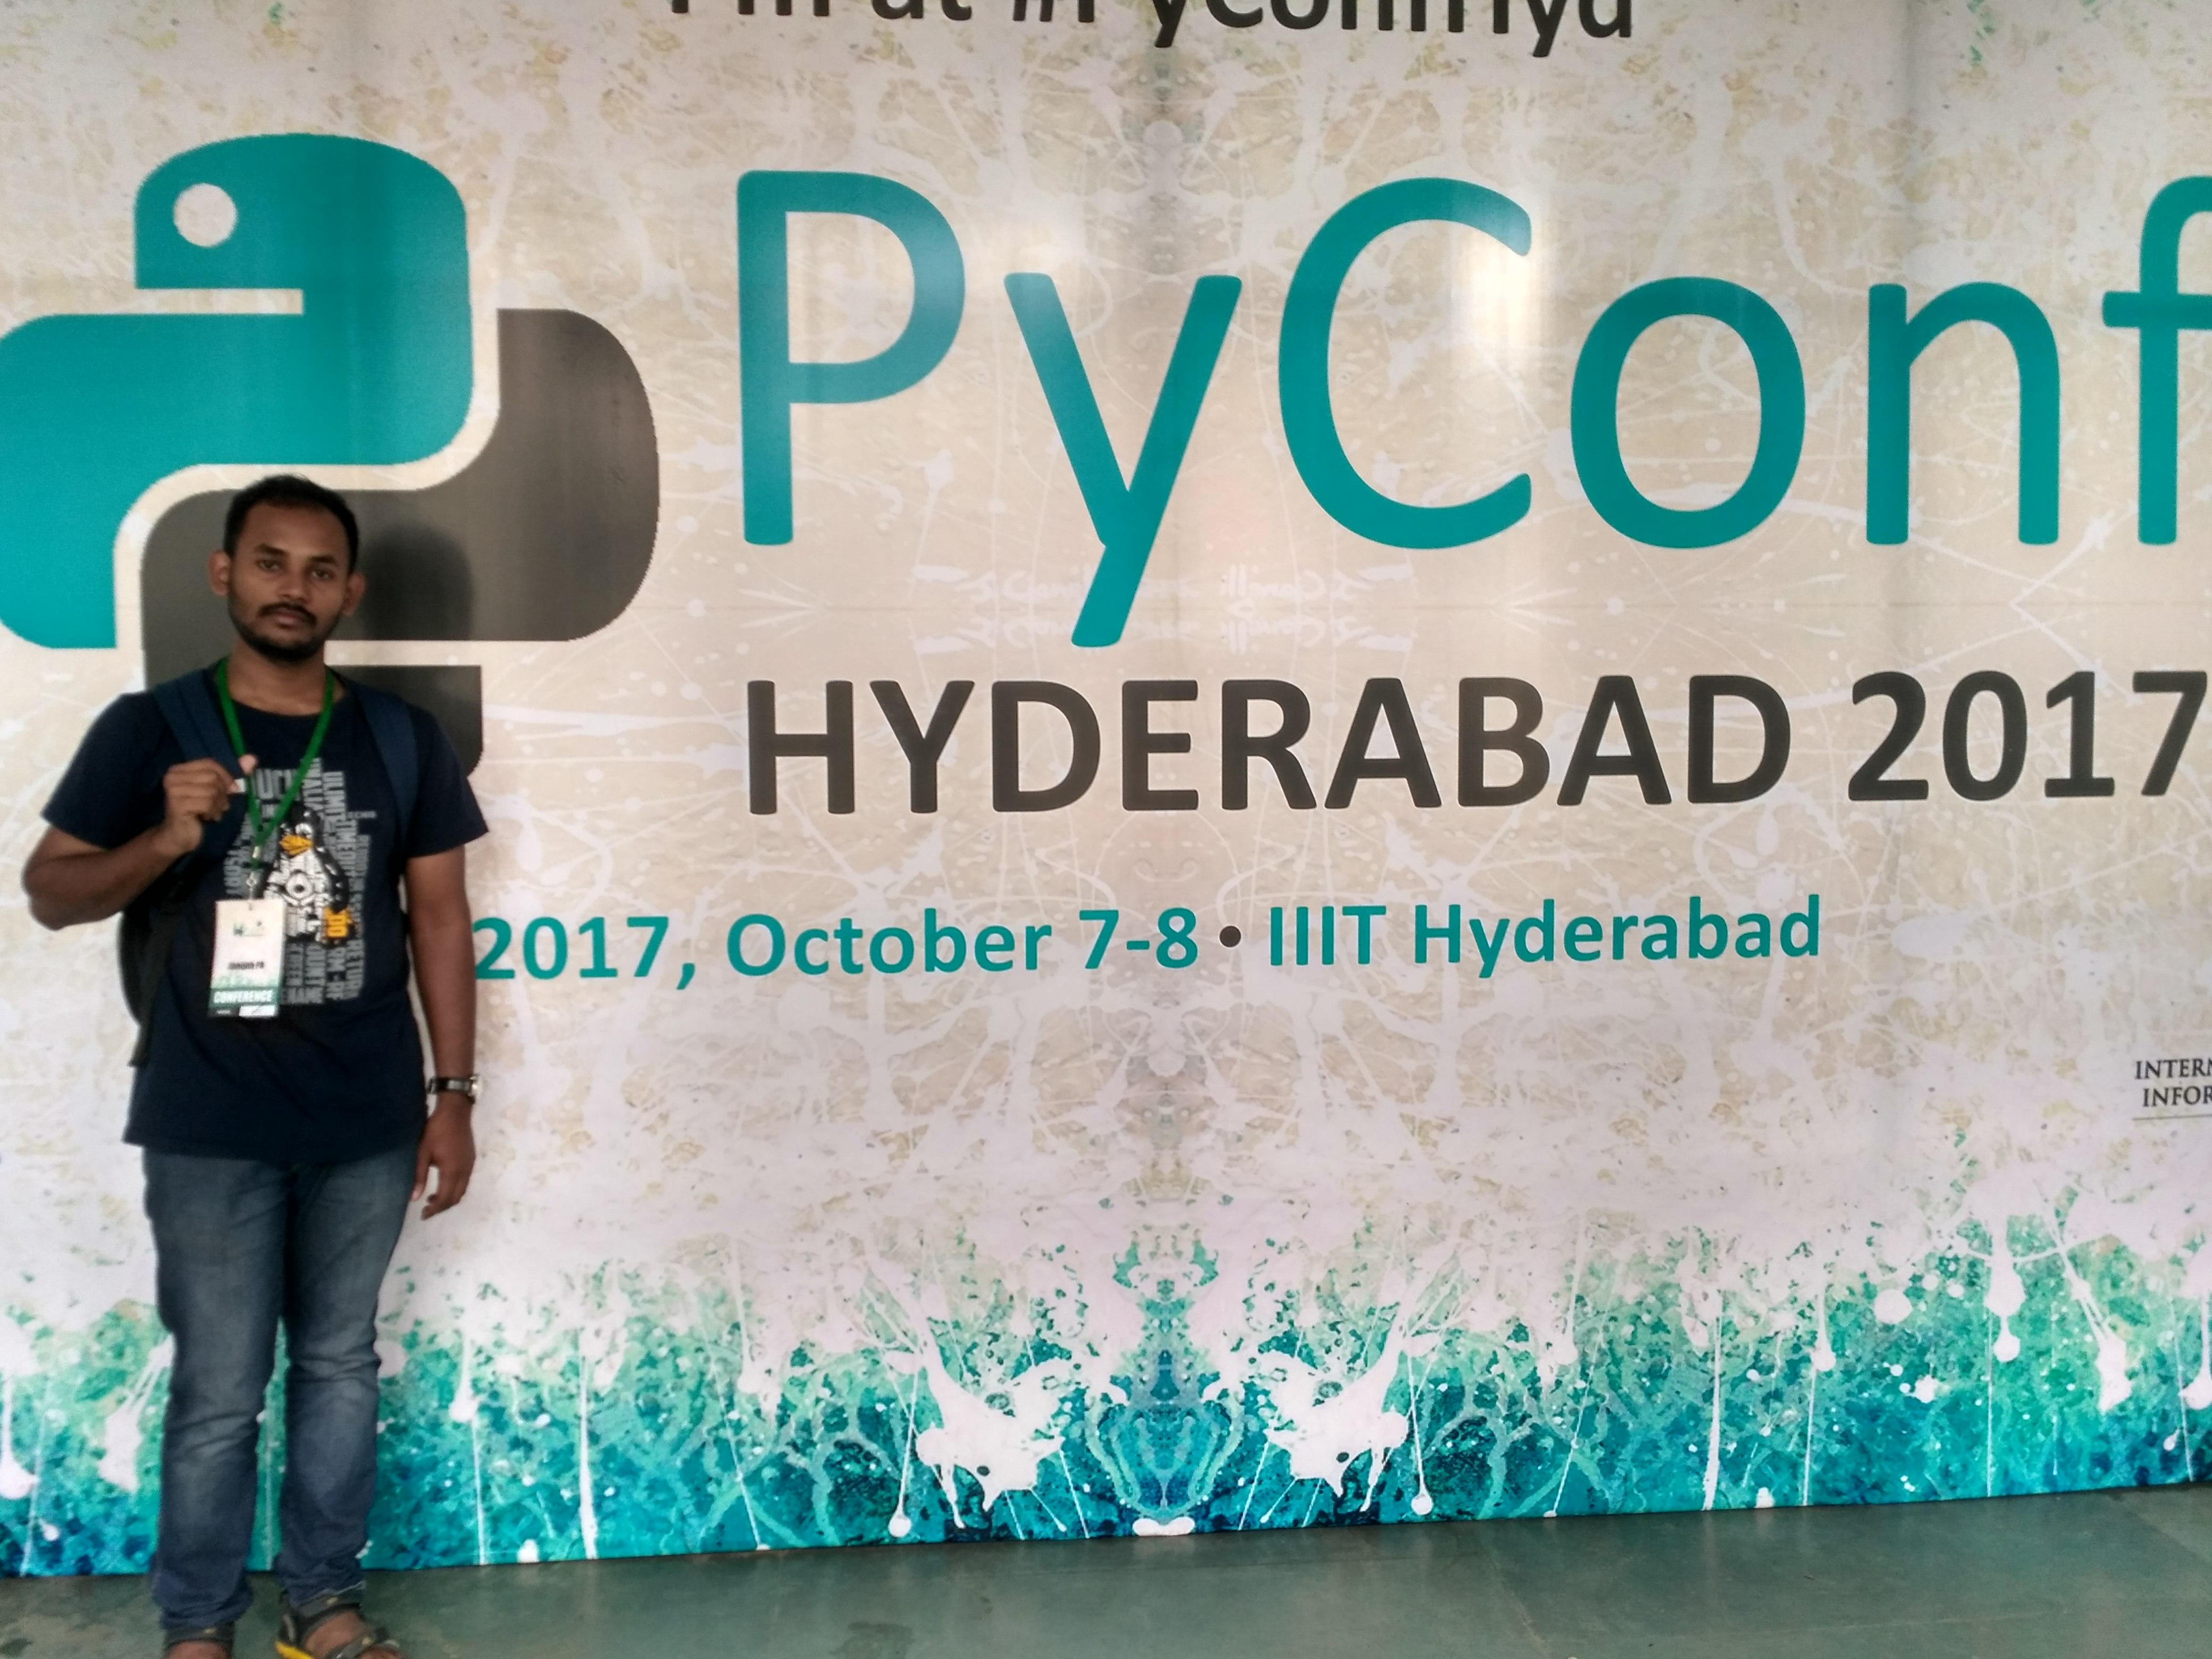 Hyderabad Pyconf